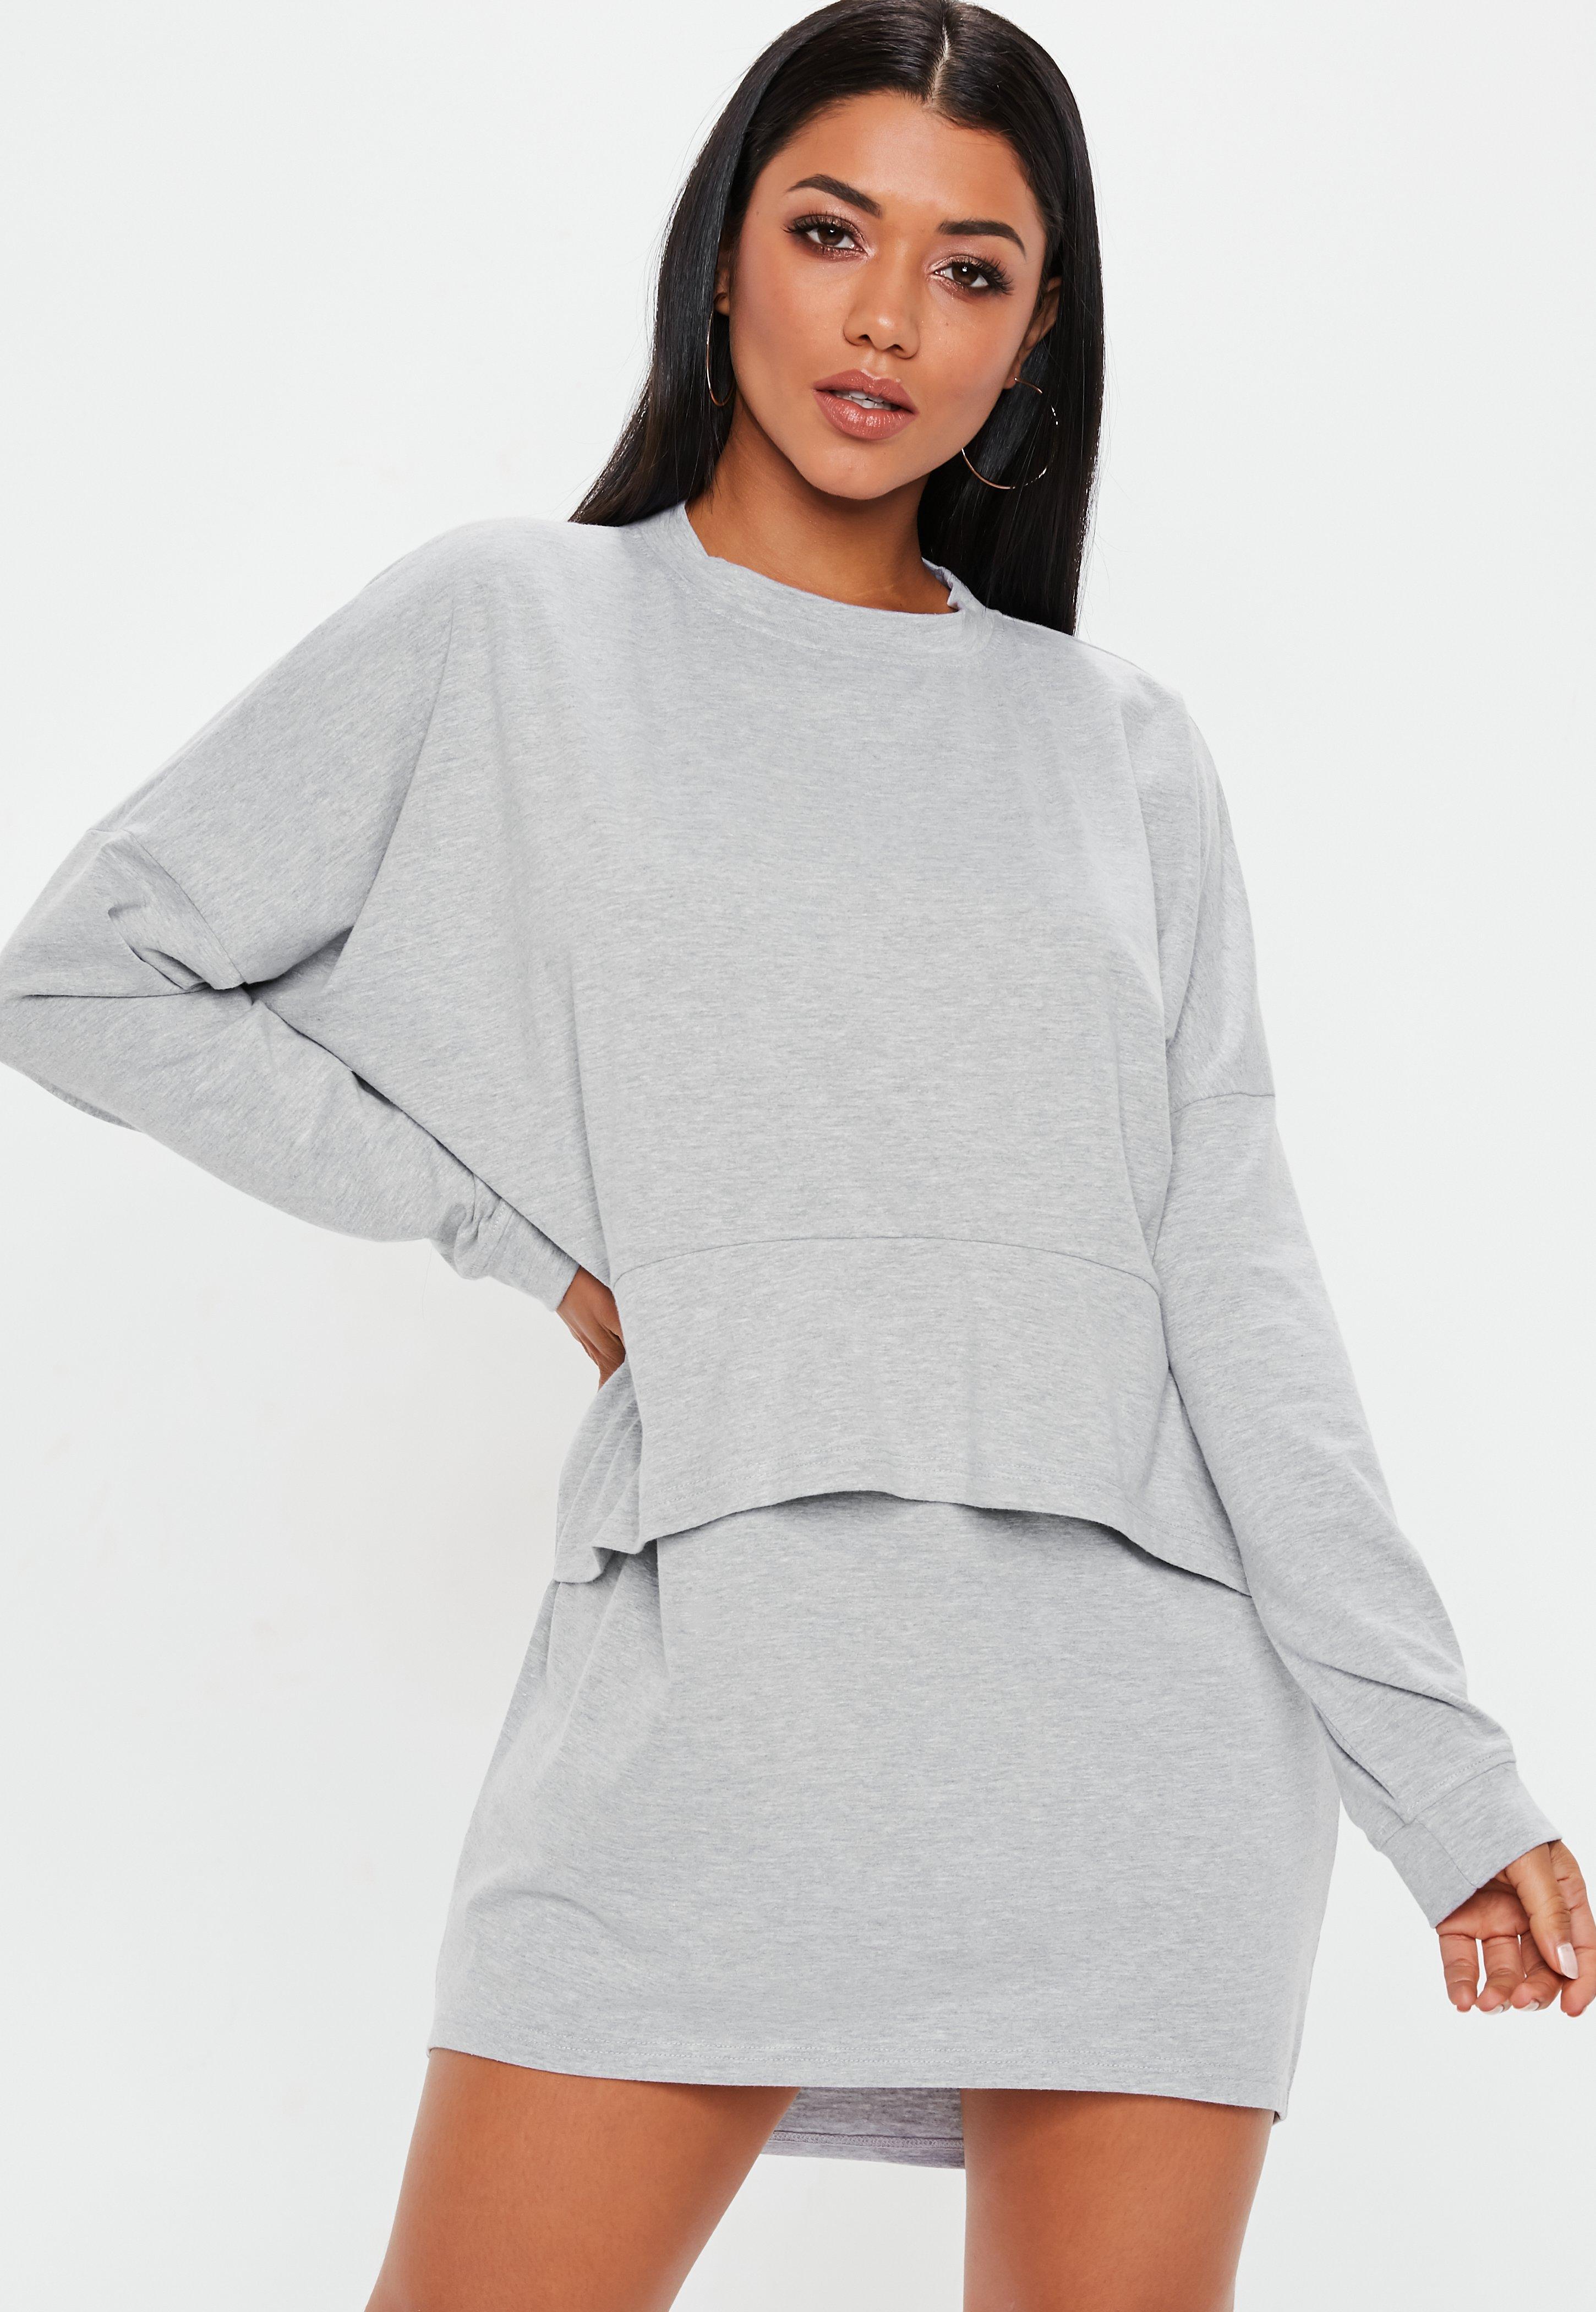 45ff6a250bce3 Dresses Navy Oversized Jersey Overlay T Shirt Dress